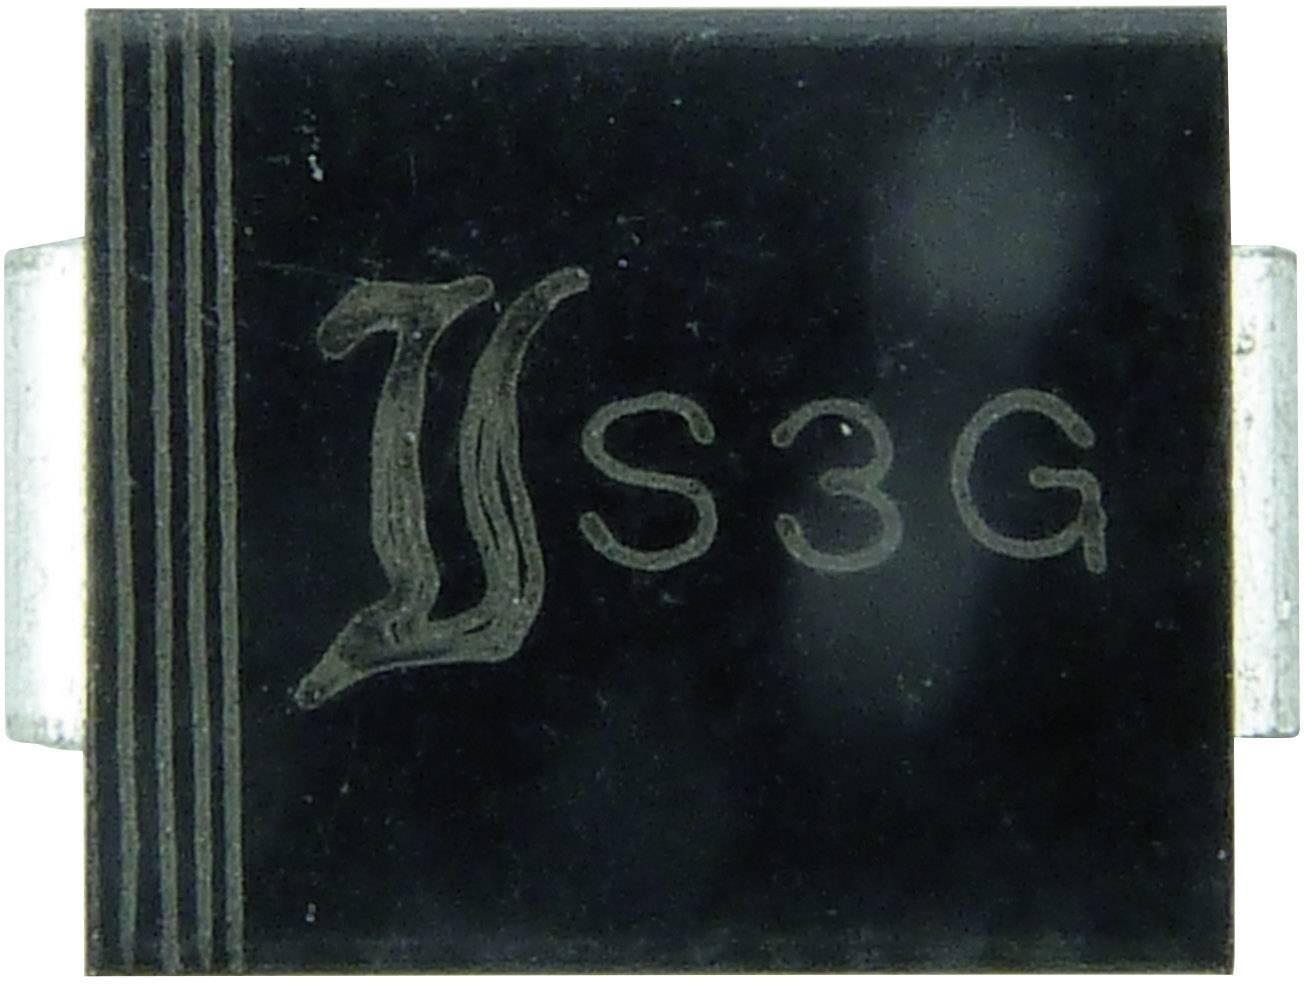 Zenerova dioda Diotec Z3SMC56, U(zen) 56 V